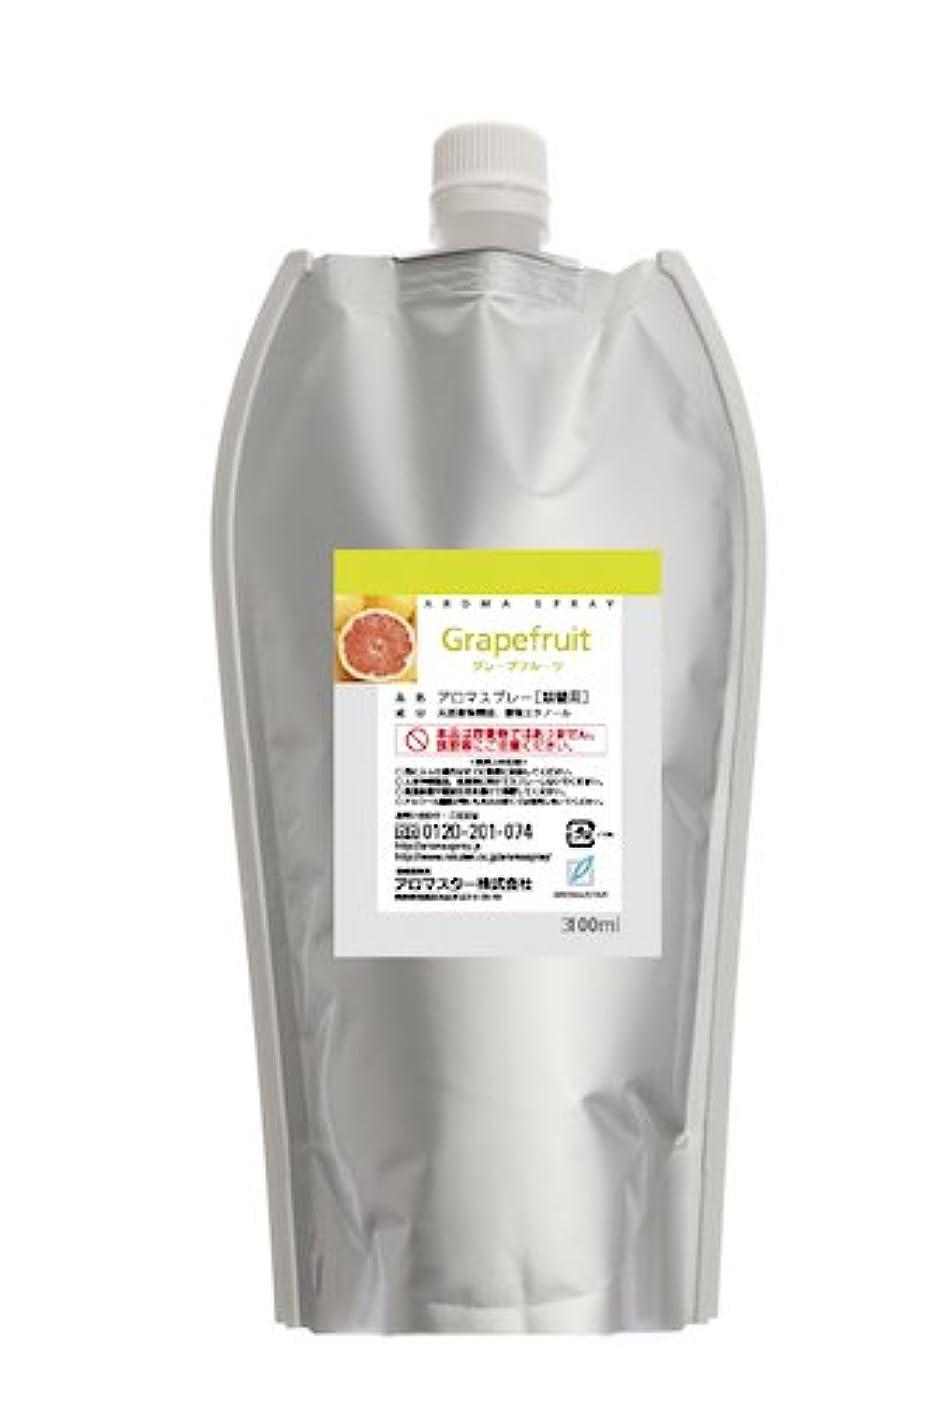 機構酸度静かなAROMASTAR(アロマスター) アロマスプレー グレープフルーツ 300ml詰替用(エコパック)